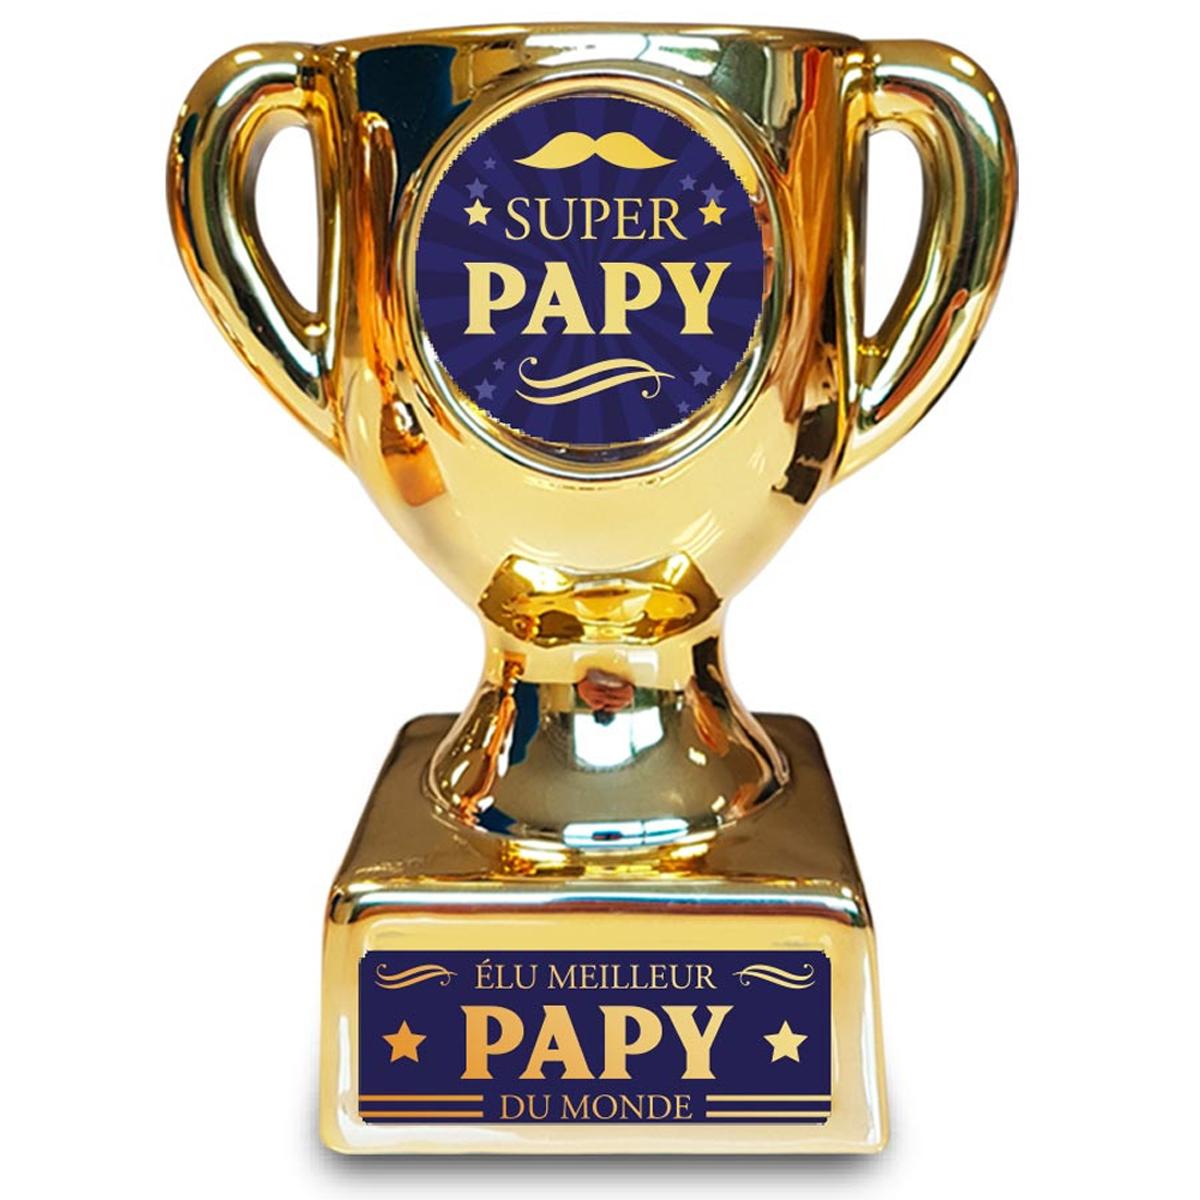 Trophée de star céramique \'Super Papy\' doré - 160x135x85 mm - [A3264]